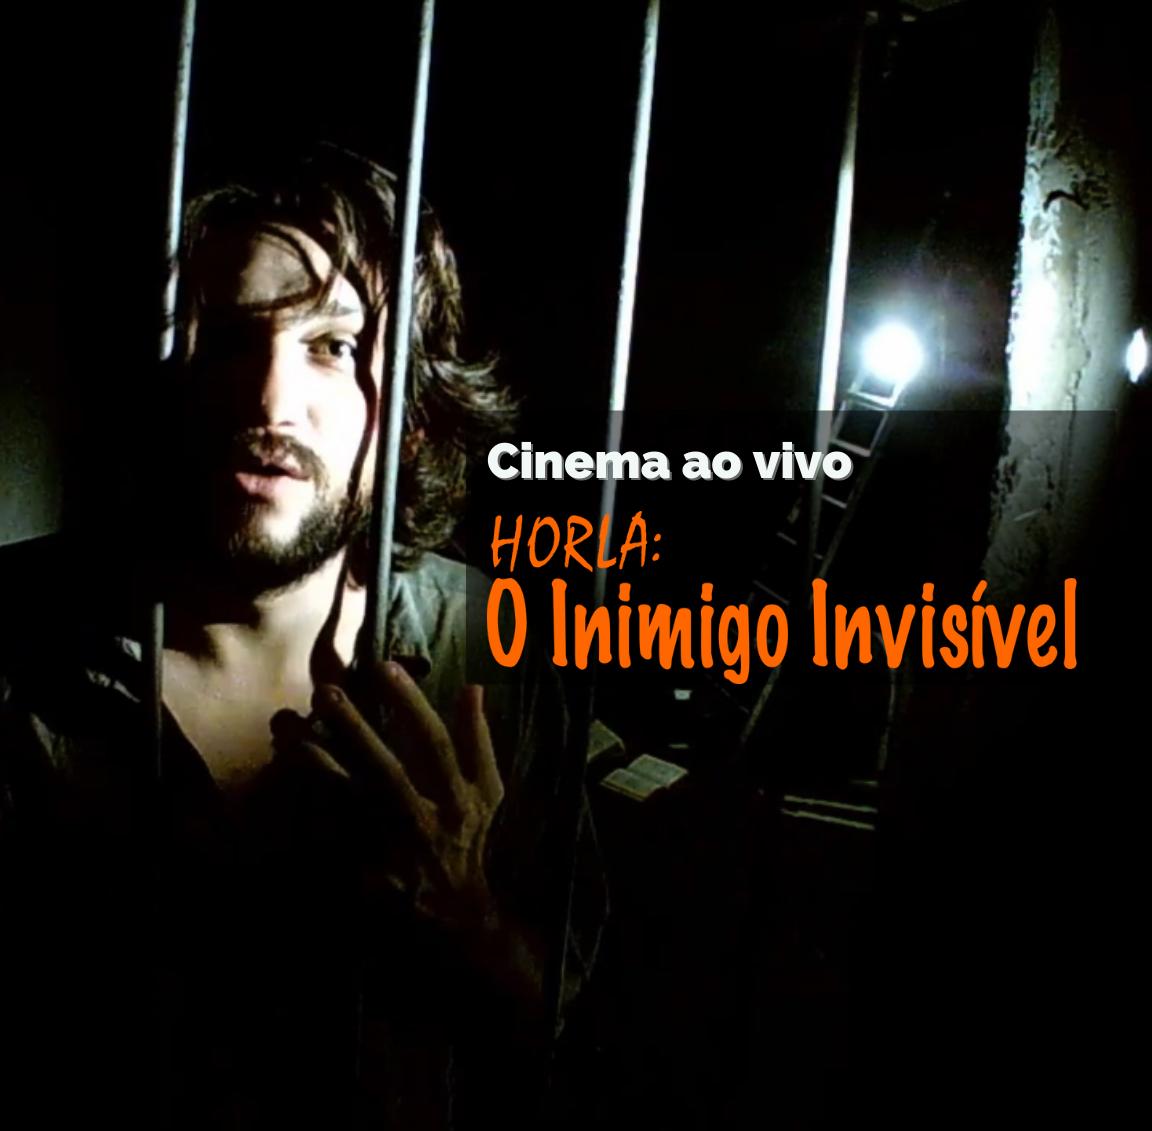 Horla o Inimigo invisivel cinema ao vivo